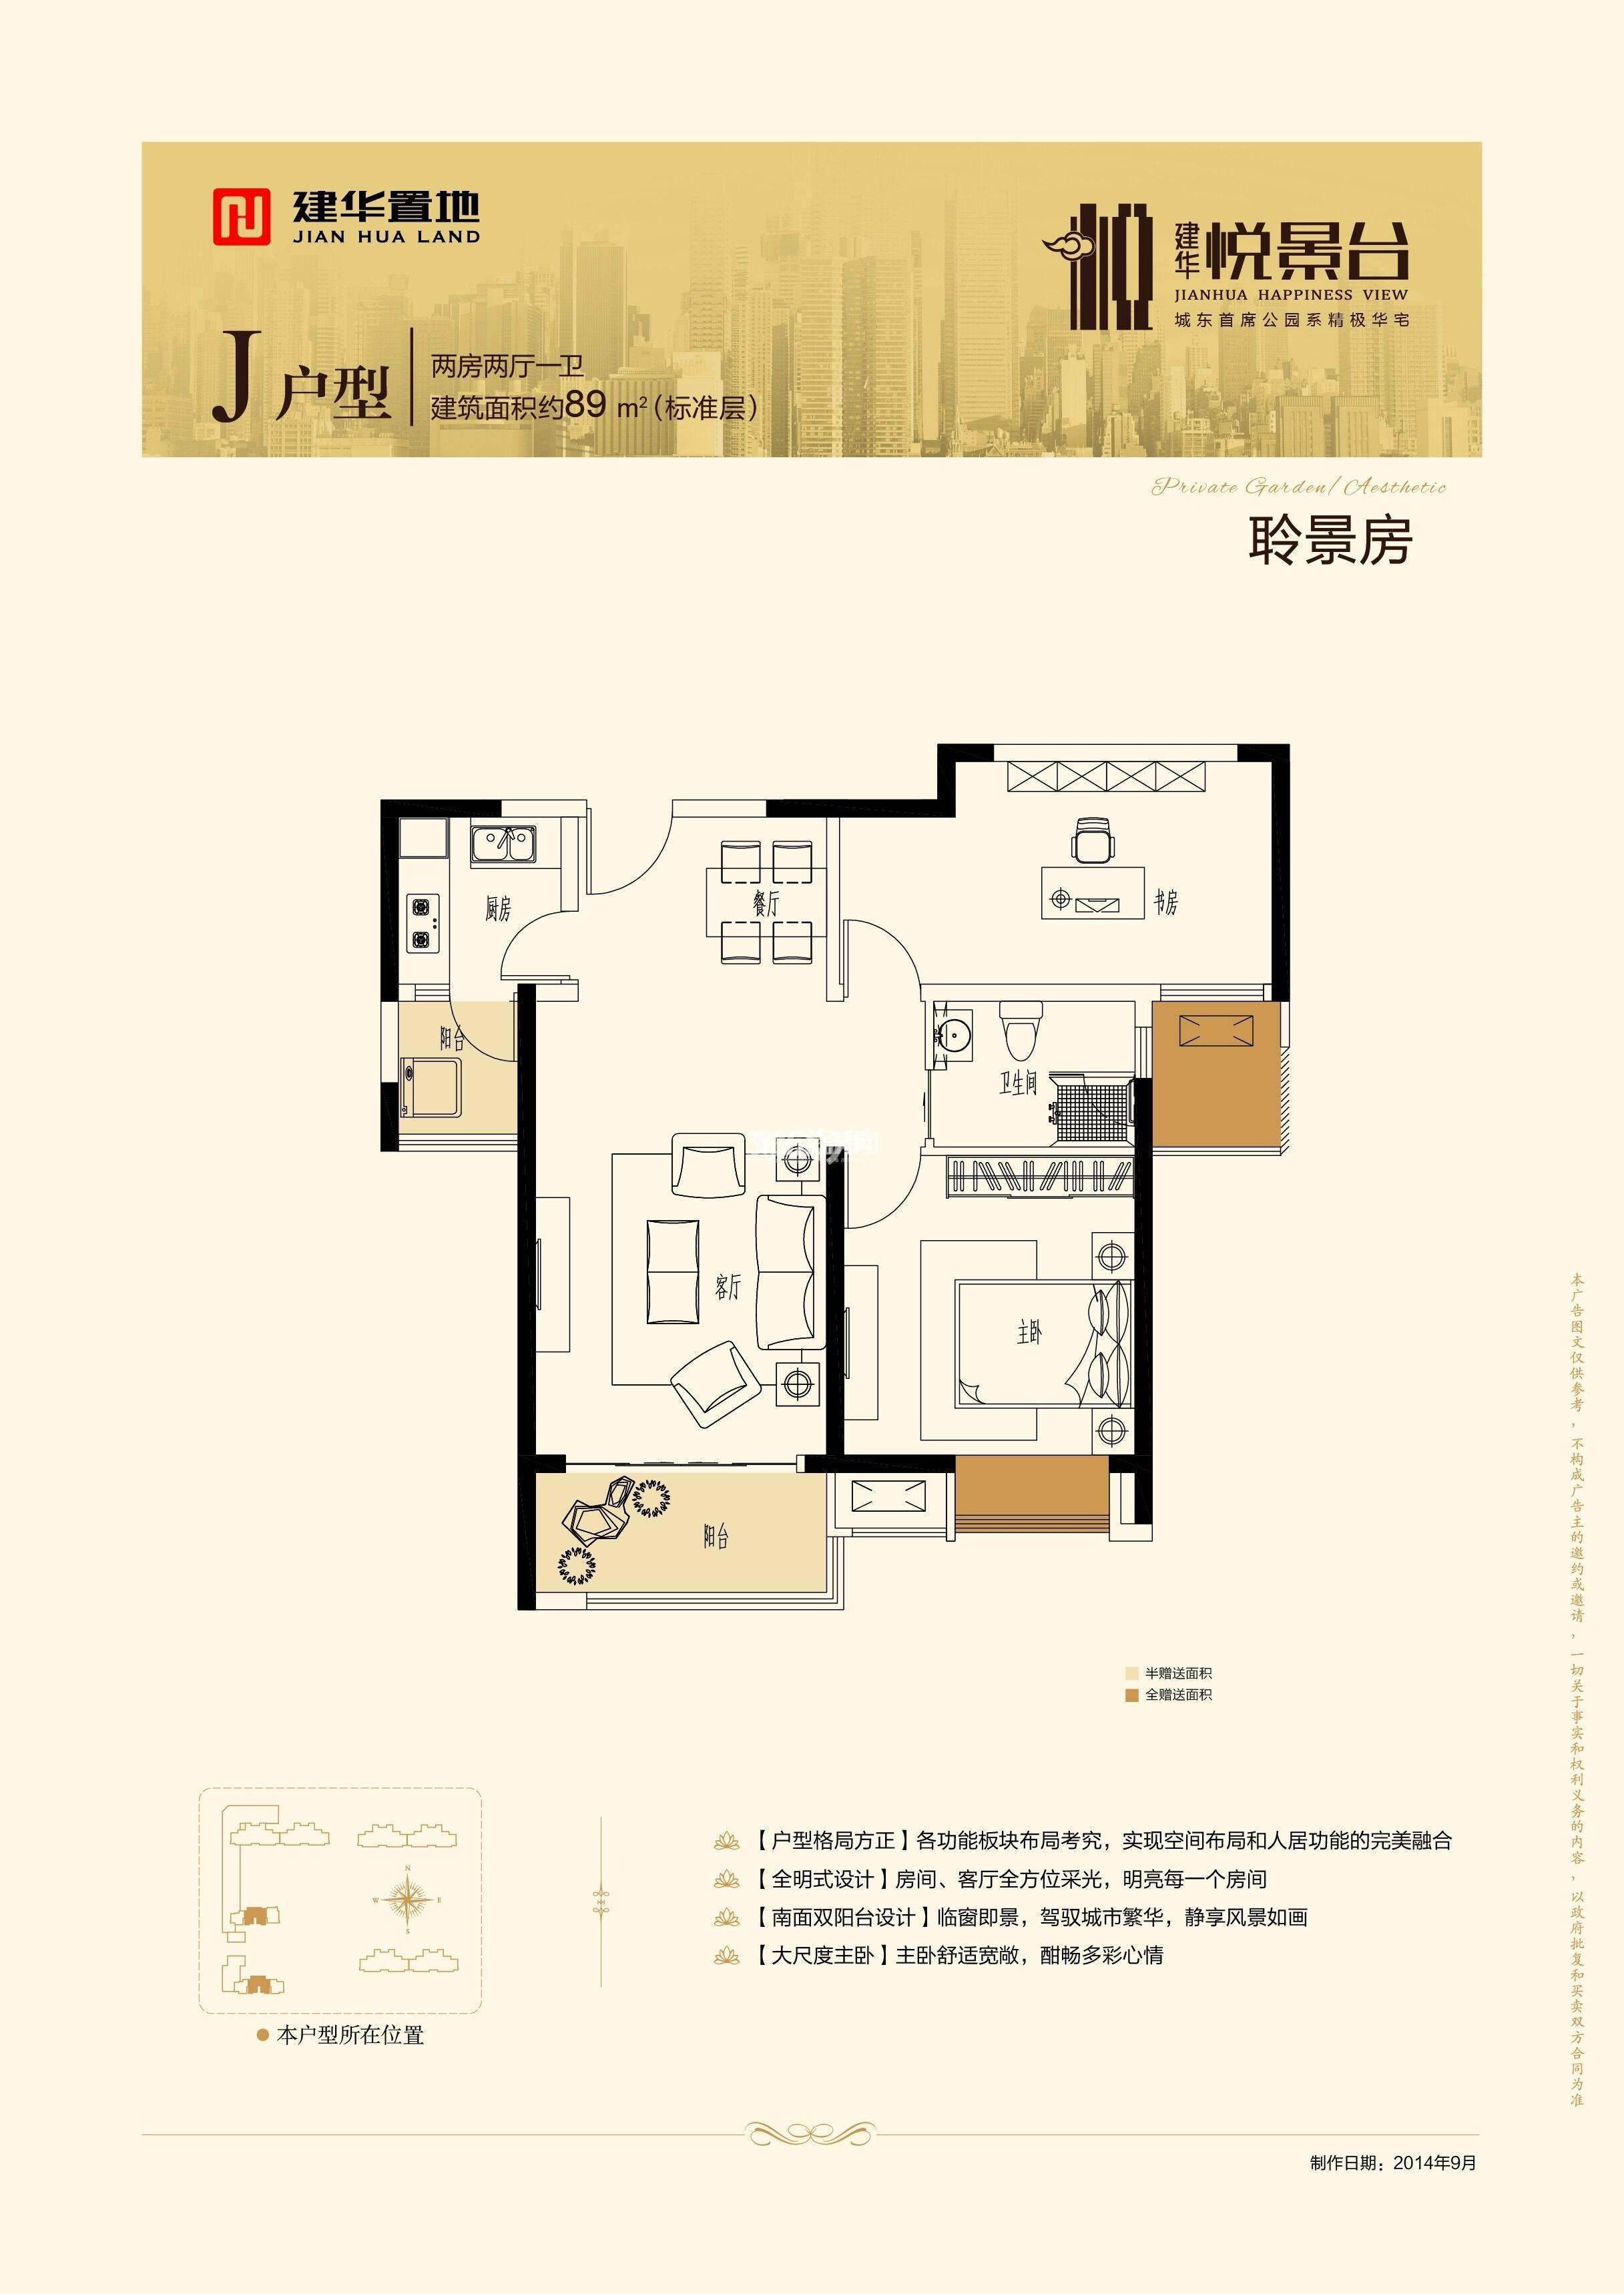 悦景台89㎡户型图